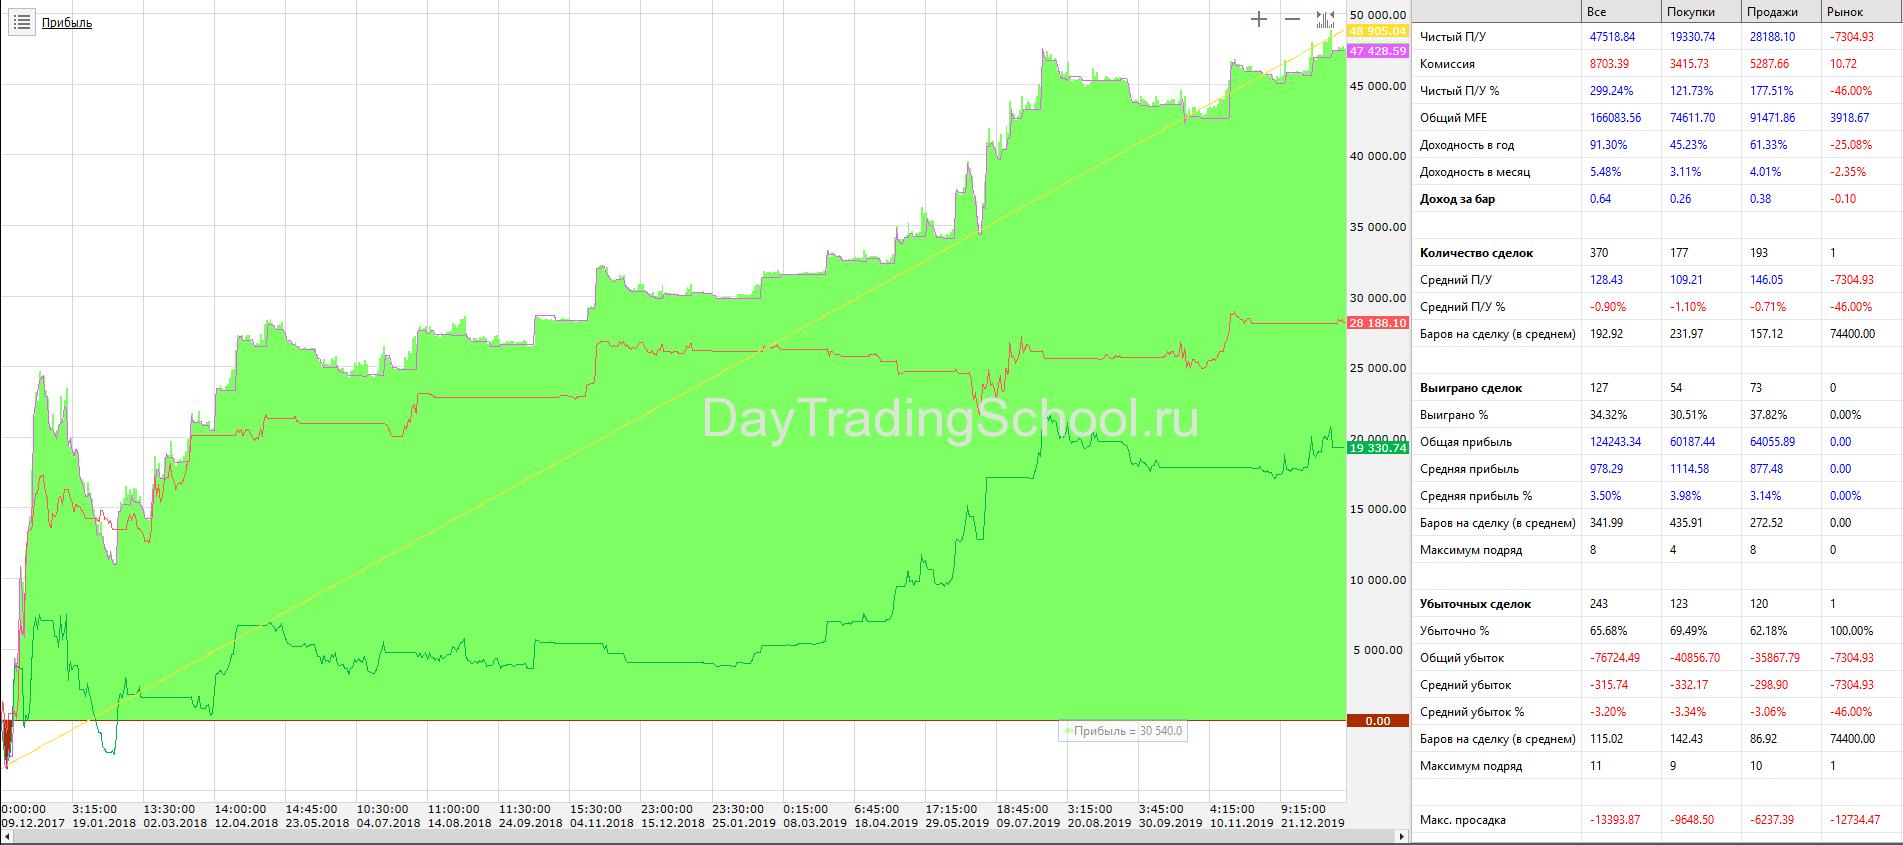 Price-Channel-КонтрТренд_Пирамид_BTС_USD-дох